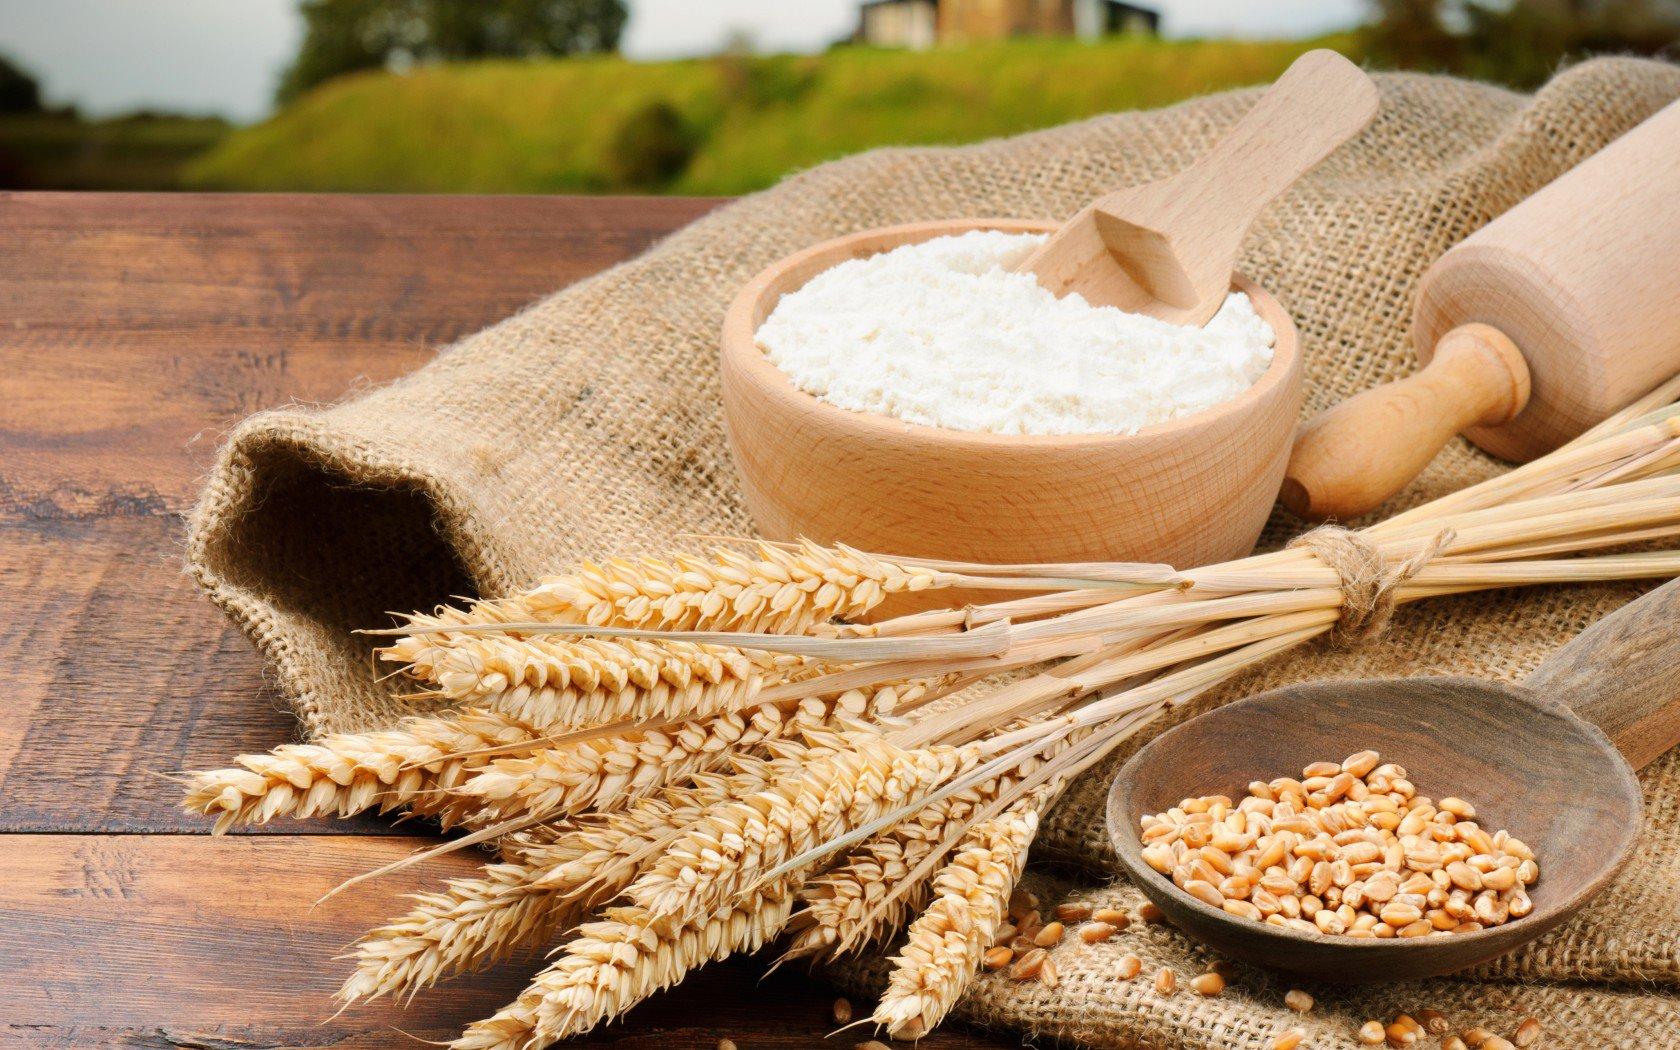 Llamamos a la industria a cumplir con las recomendaciones en la normativa para harinas fortificadas